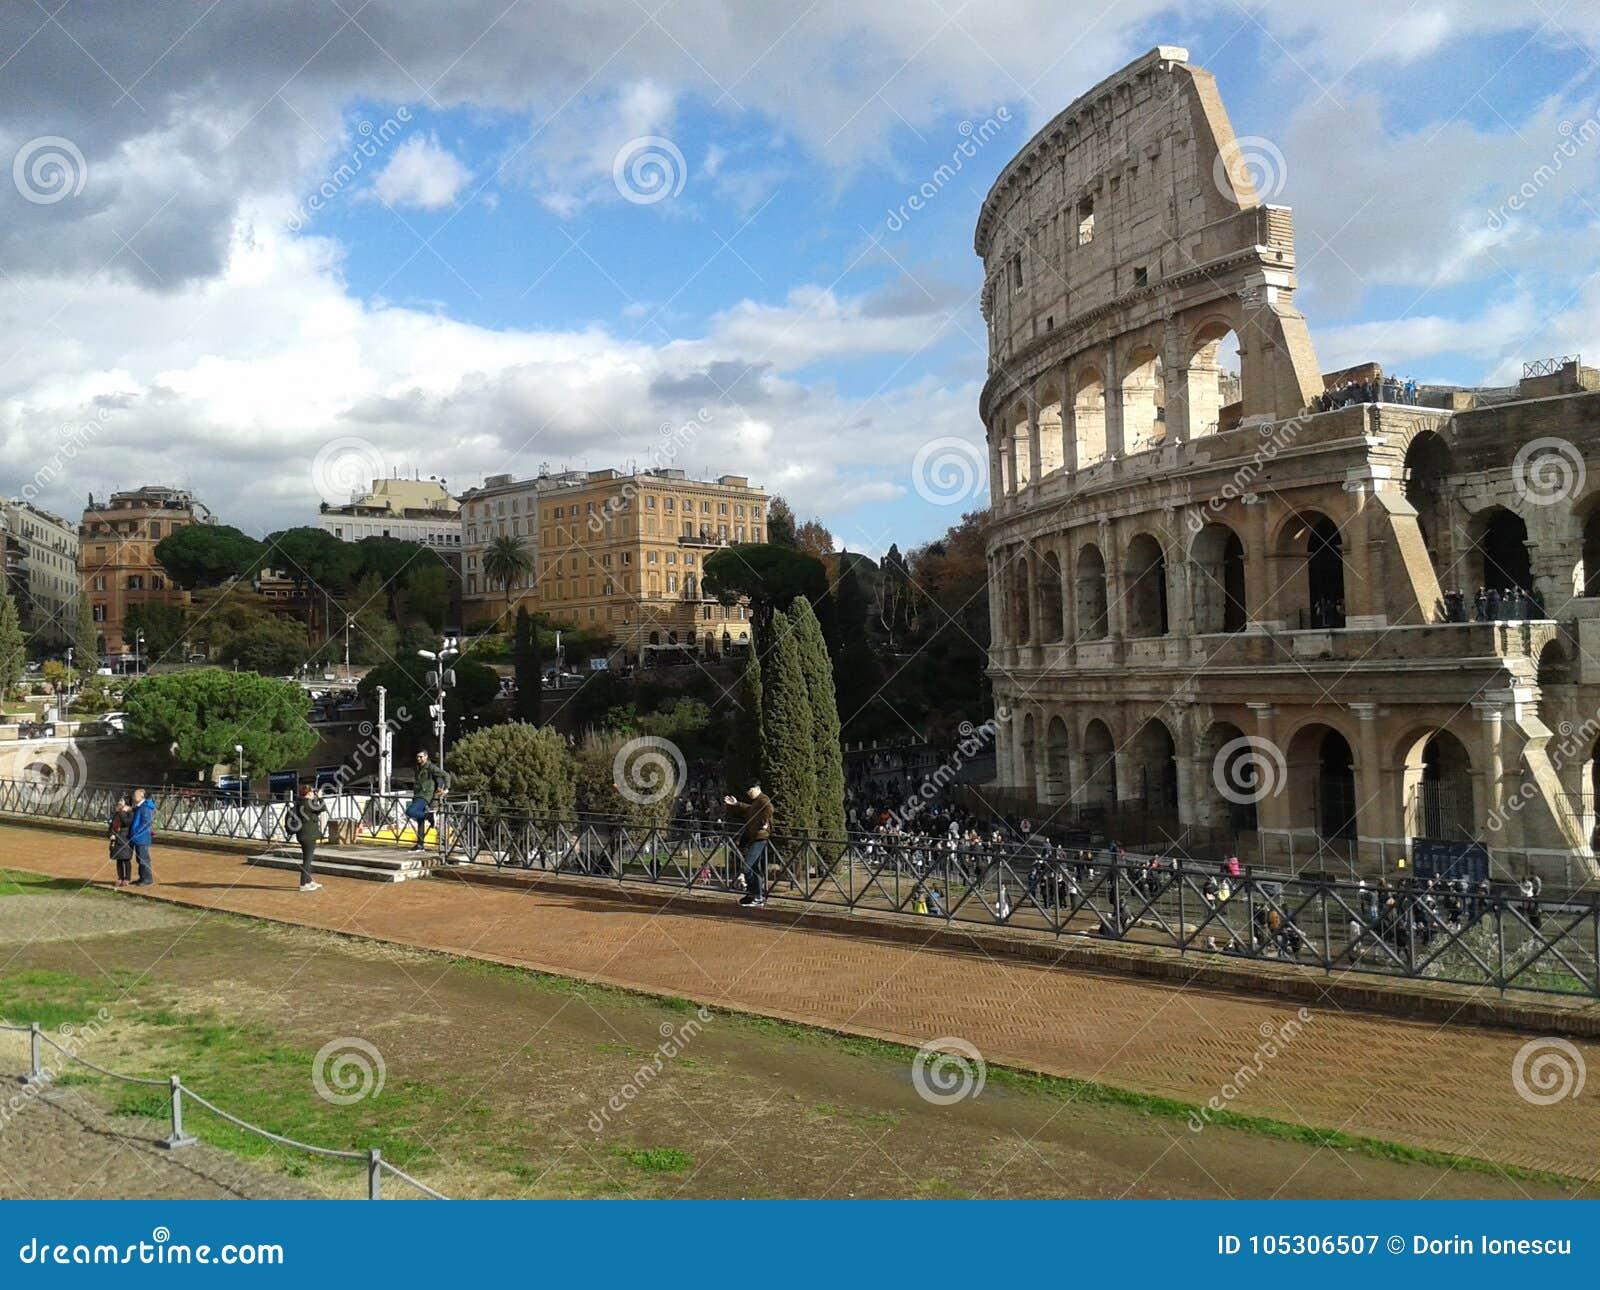 Colosseum roman forum colosseum colosseum punto di for Sito storico